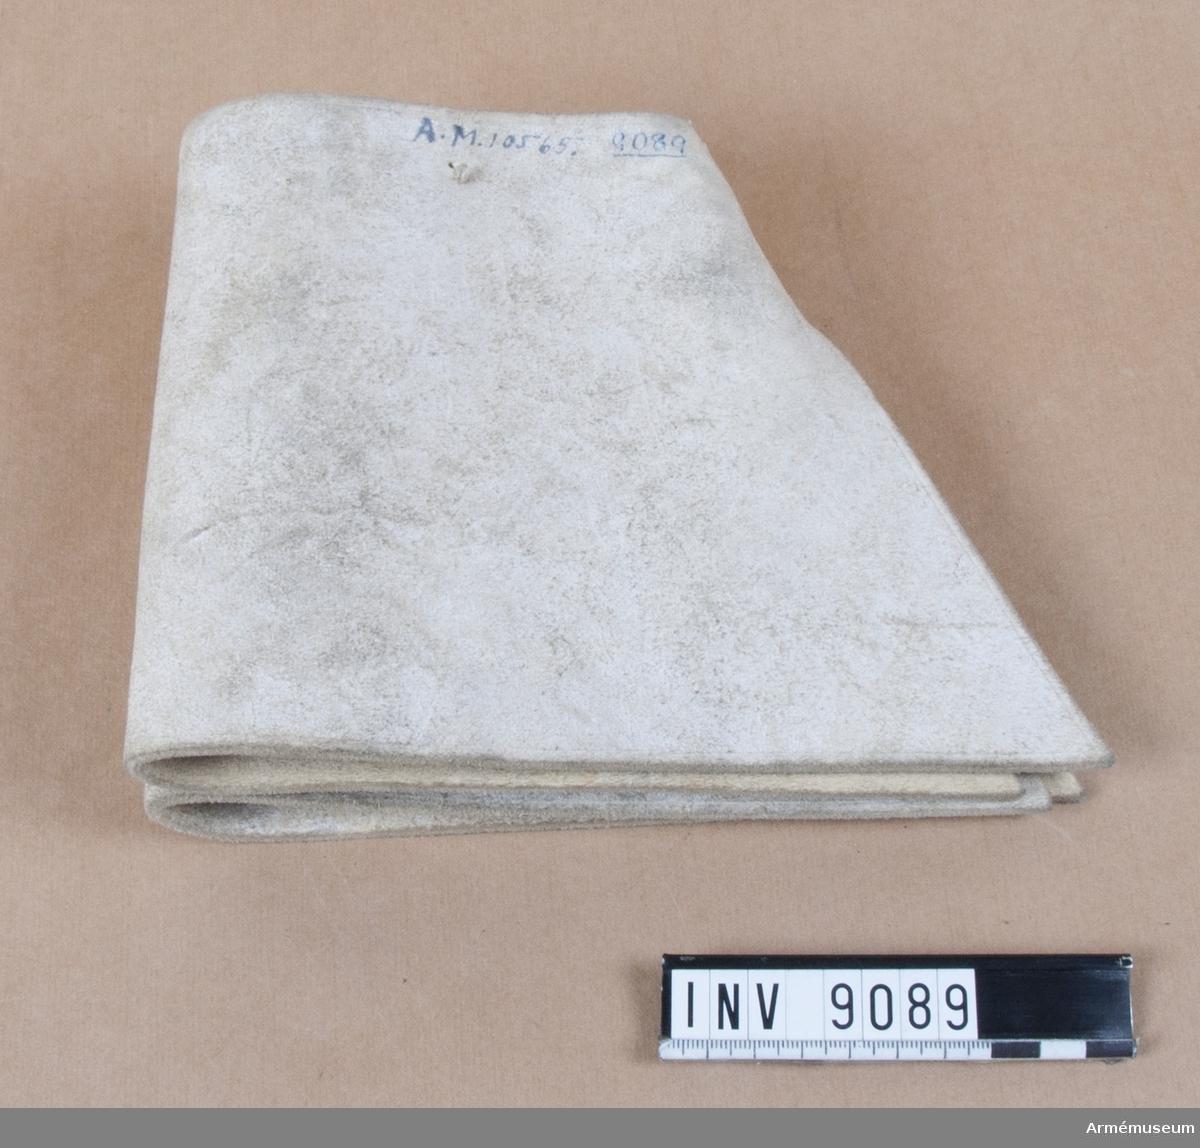 Grupp C I. Handskkragar av vitmålat skinn. Obekant modell. Kragen är ihopsydd 45 mm nedtill i sidan. Den är skuren så att  den vidgar sig uppåt. På insidan finns fyra benknappar. Den på skinnet vita målningen är tämligen nött.